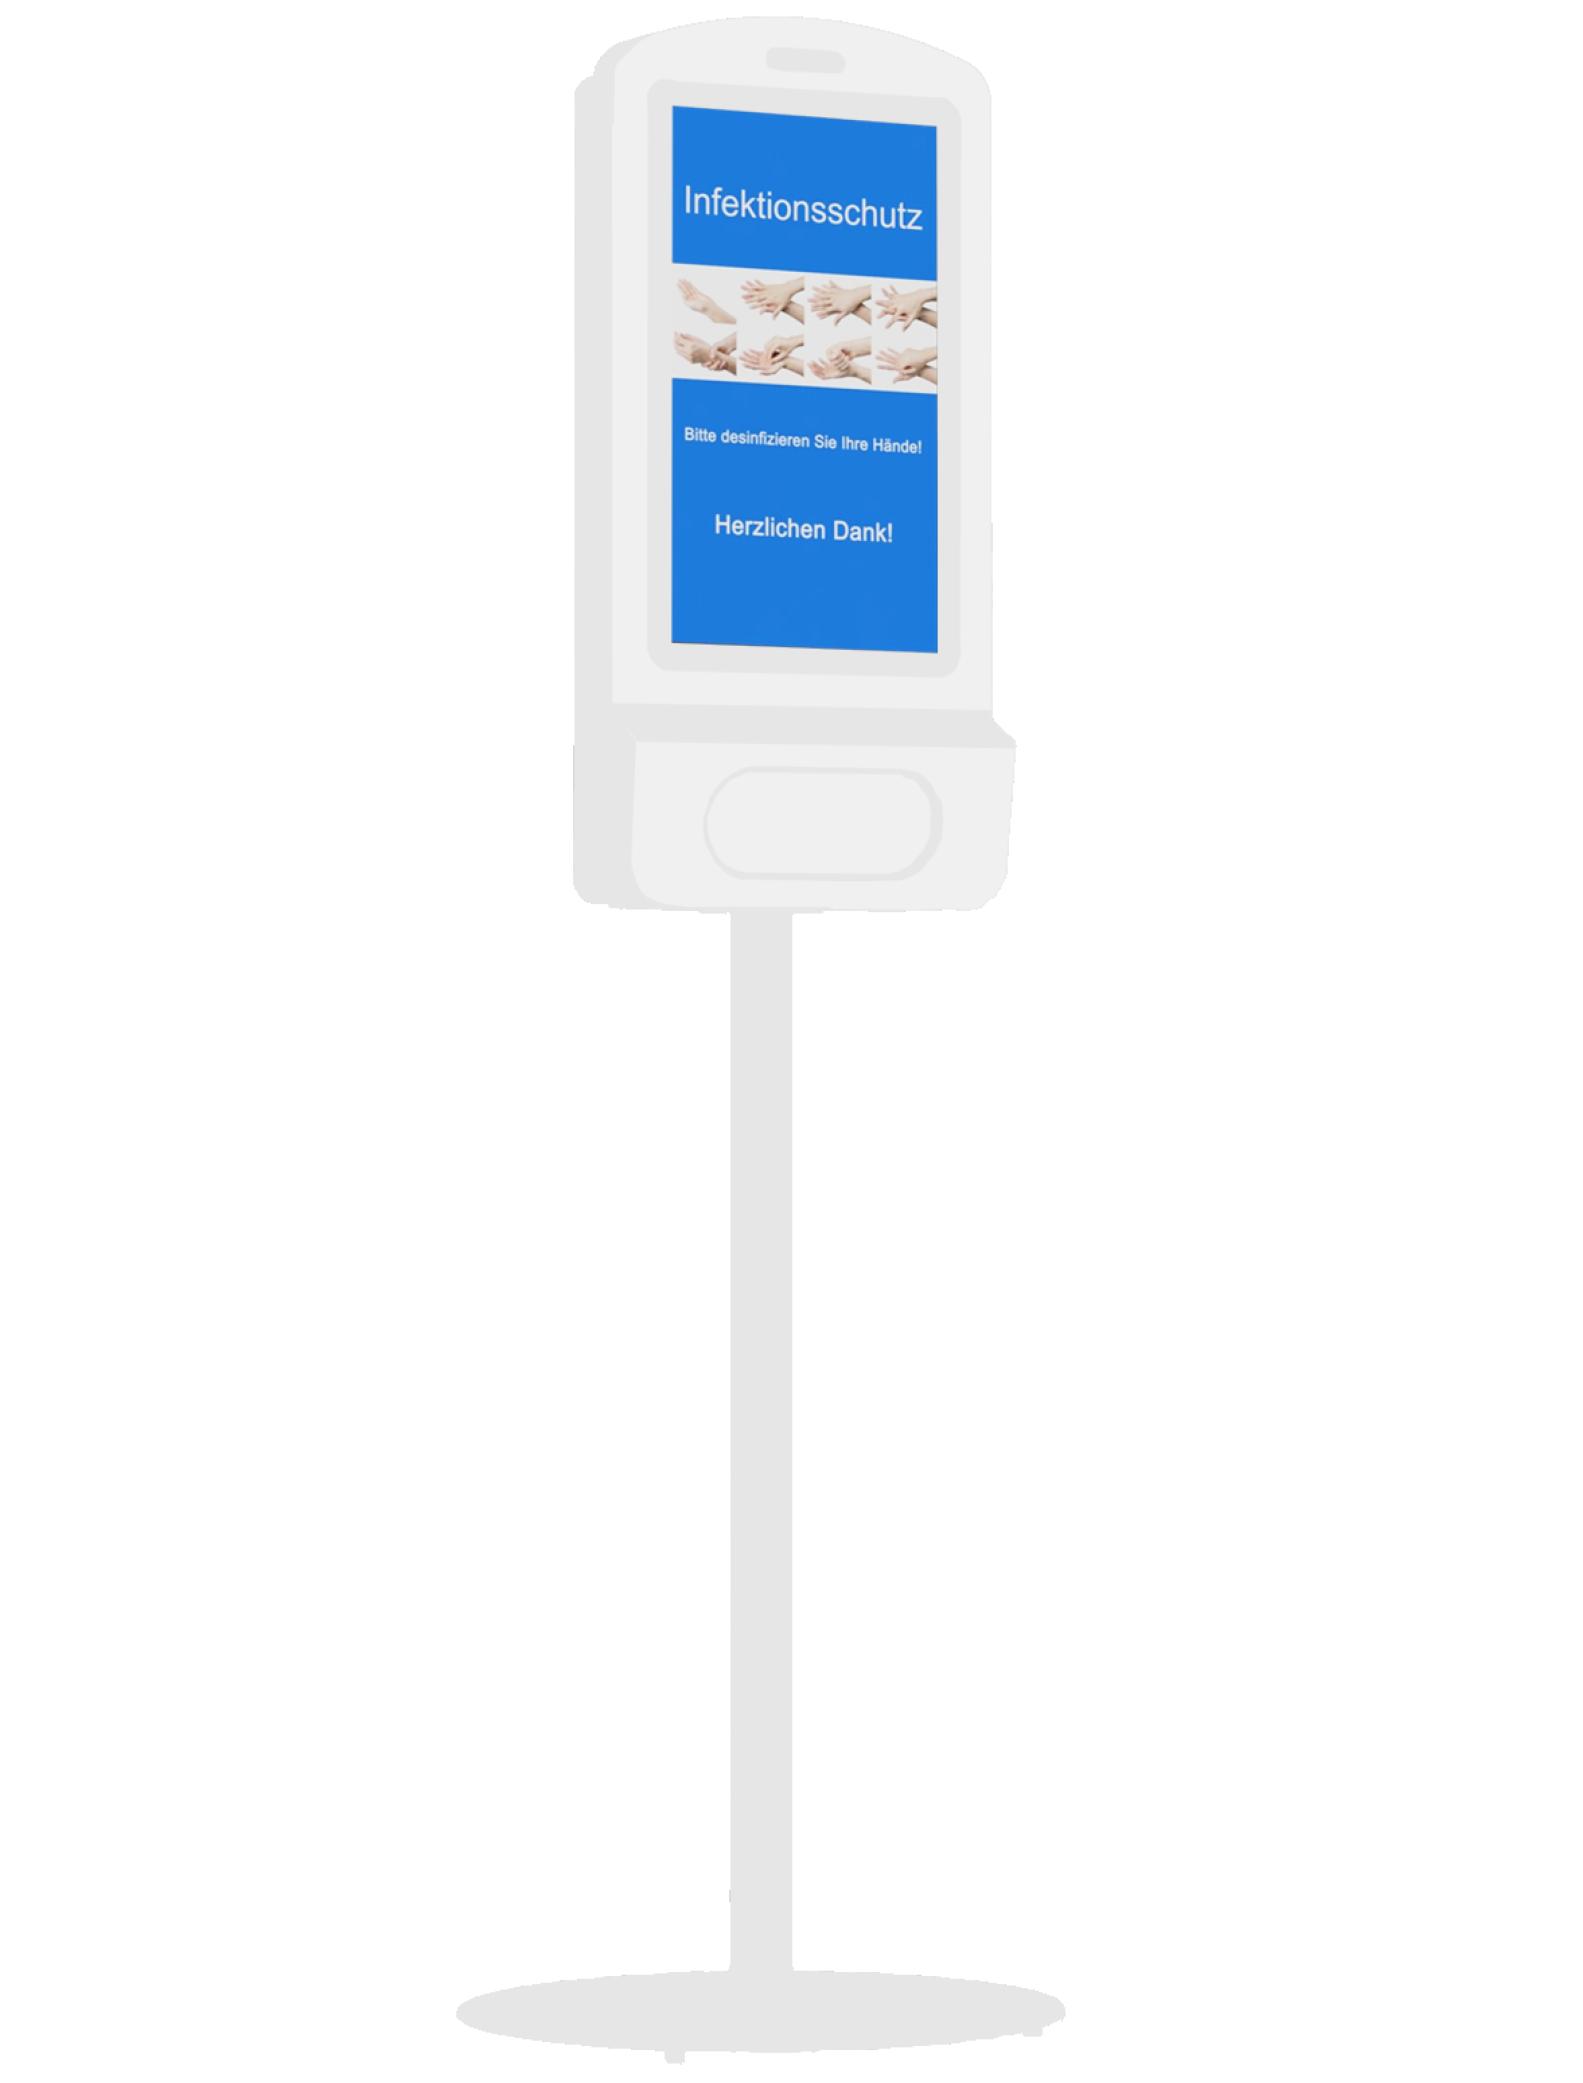 Digitaler Handdesinfektionsspender KIOSK